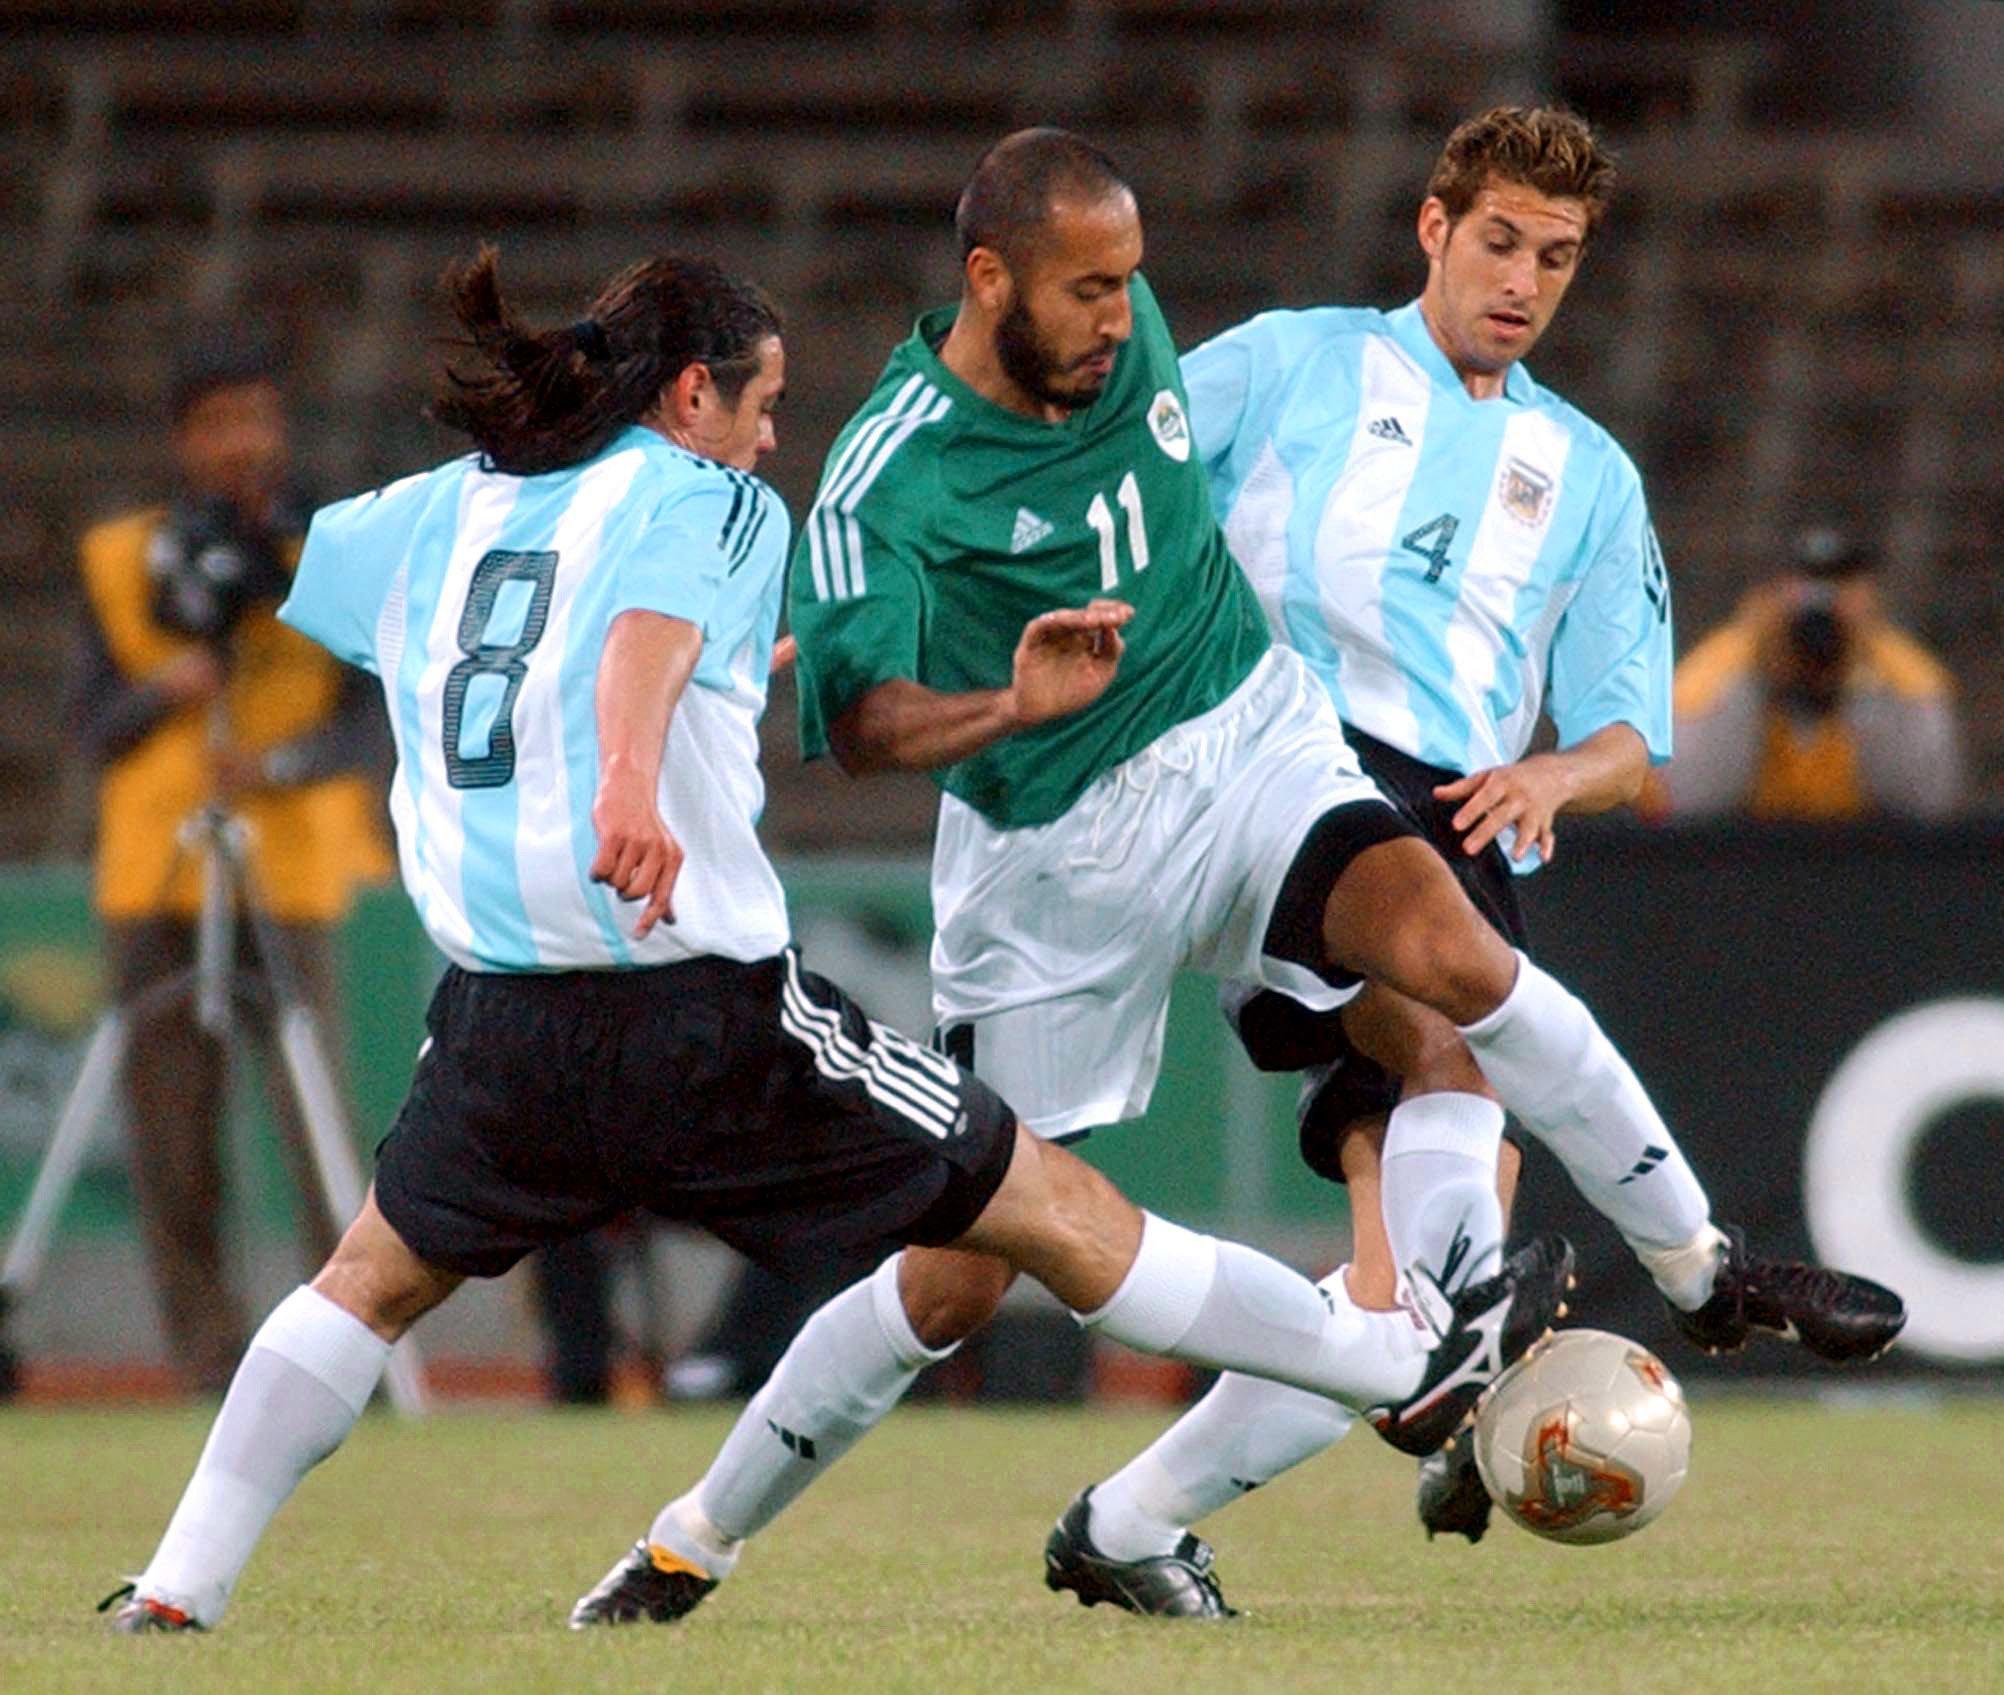 Saadi Gadafi lucha por la pelota durante un partido de fútbol disputado con el equipo de Argentina.